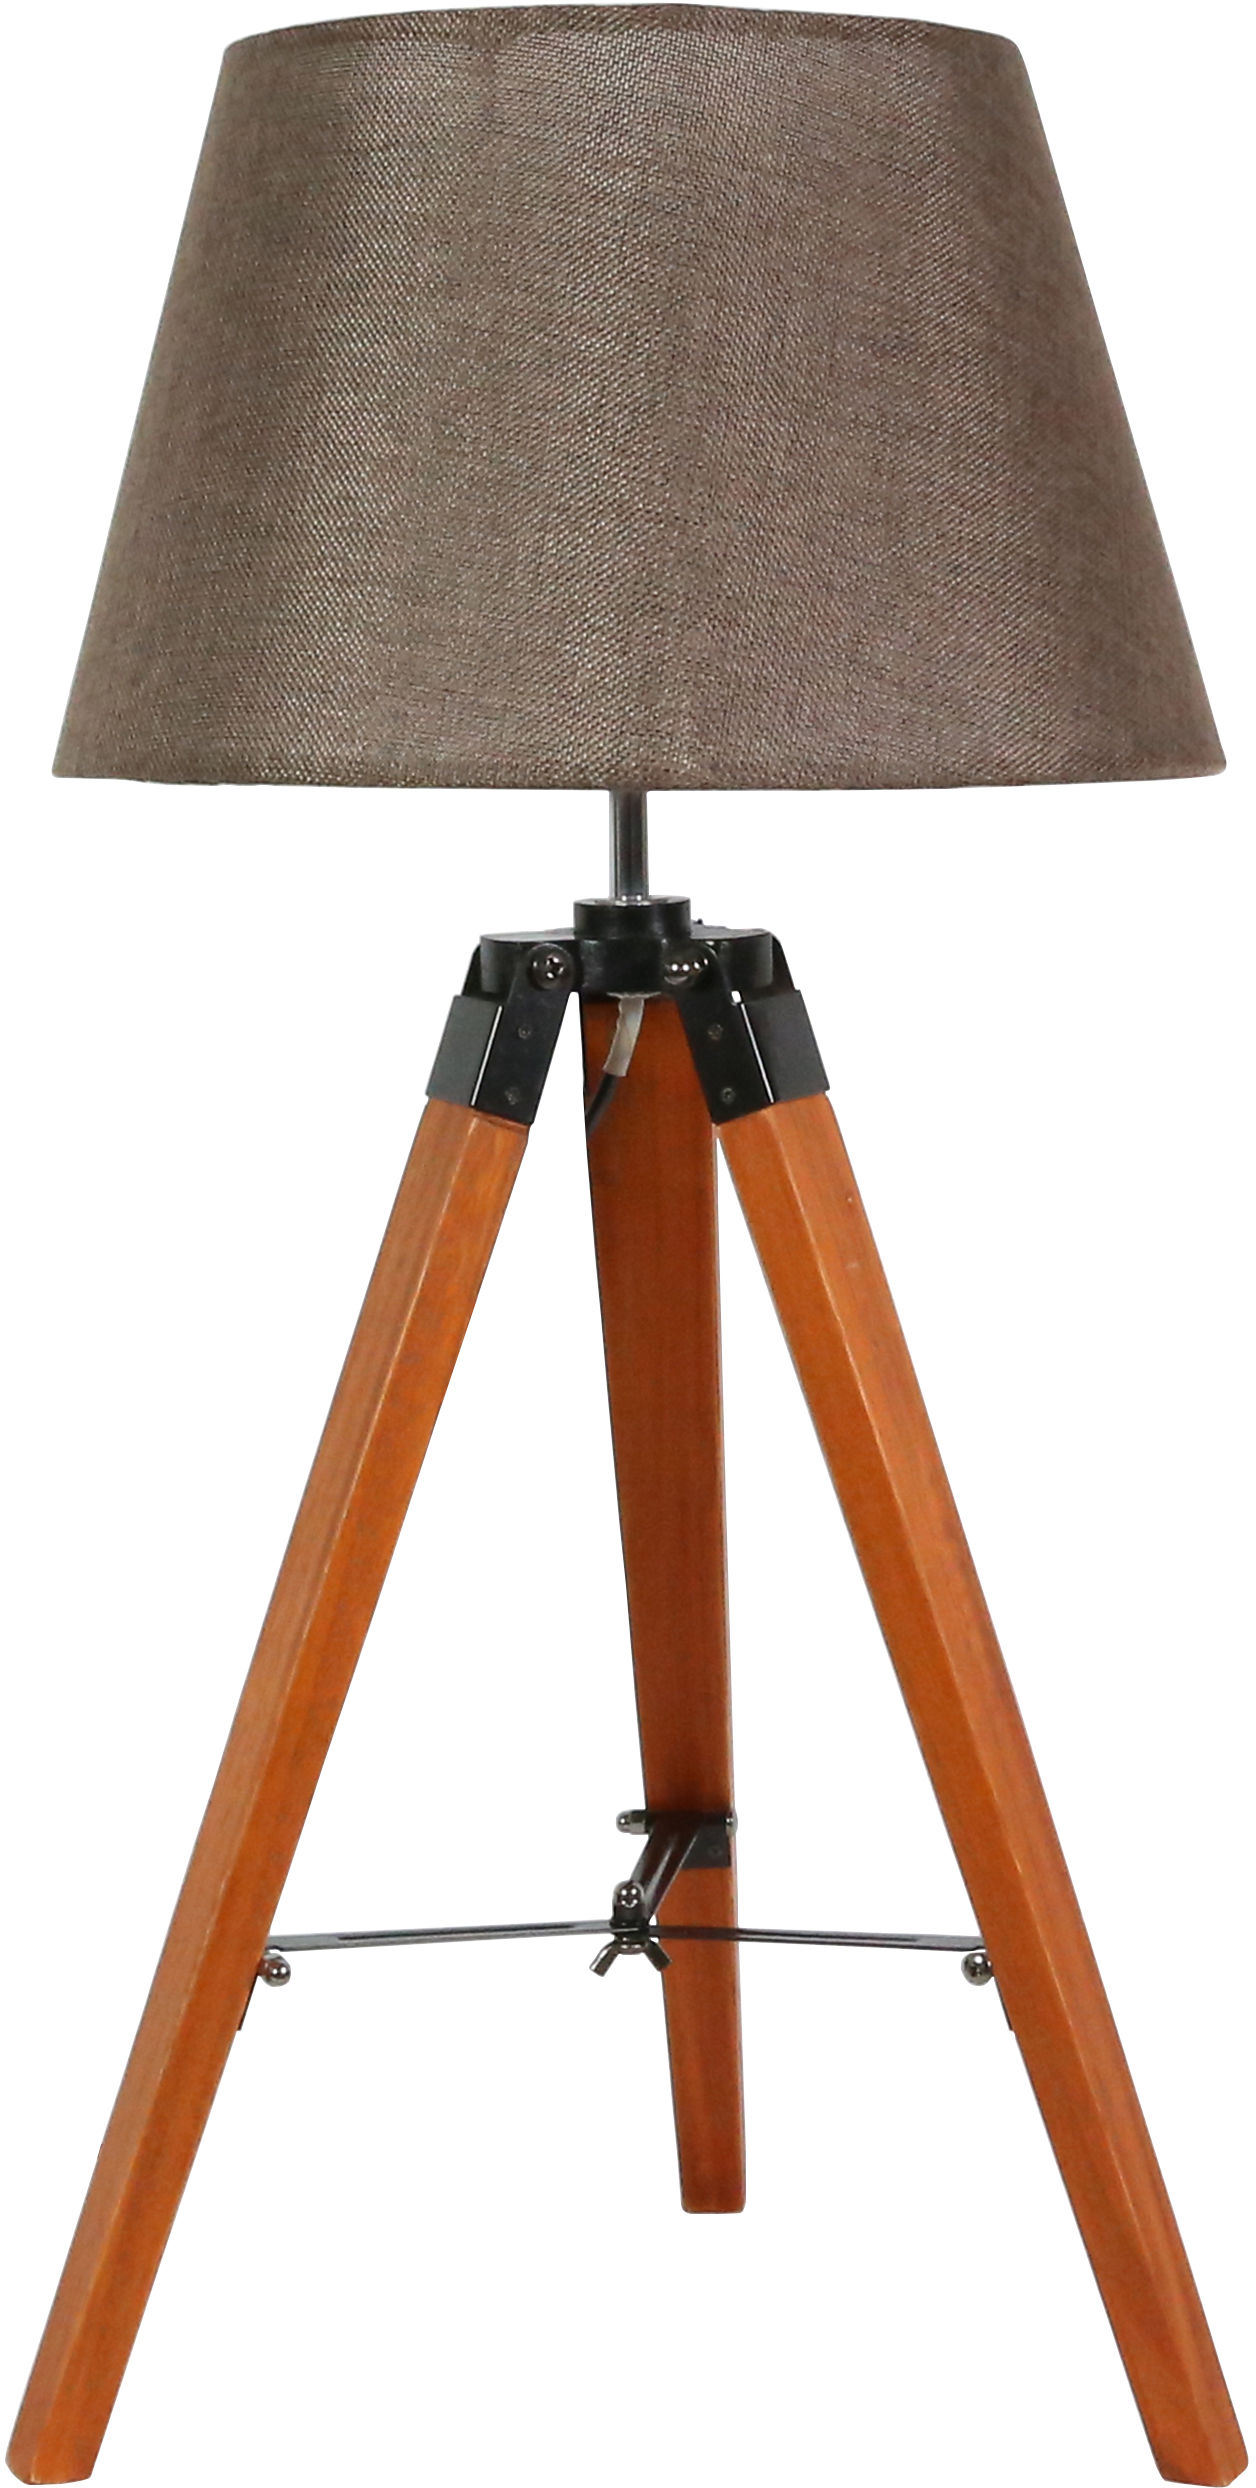 Candellux LUGANO 41-31211 lampa stołowa abażur brązowa trójnoga 1X60W E27 33cm